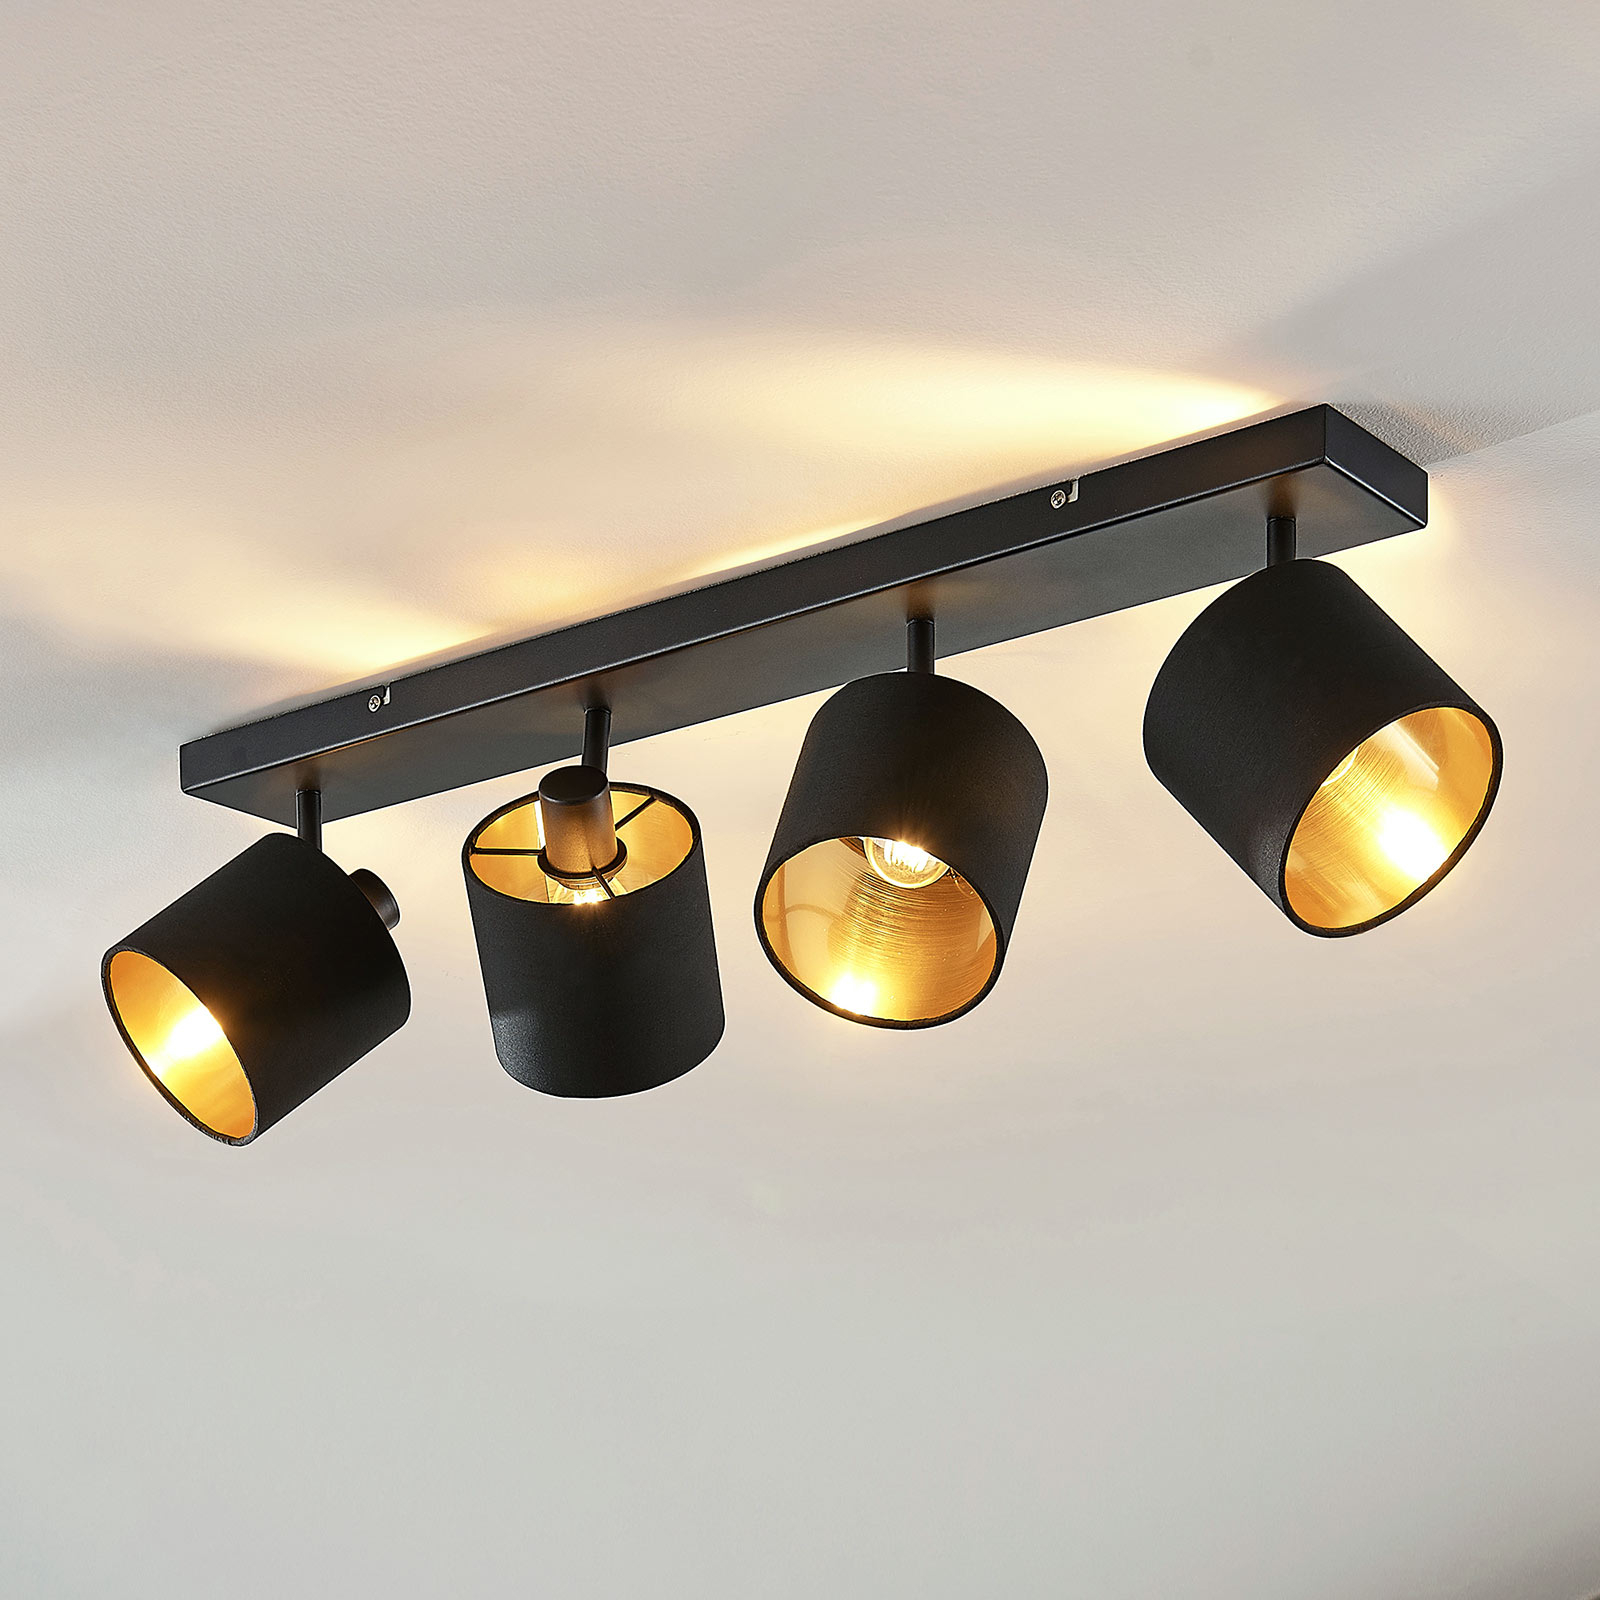 Plafonnier Vasilia en tissu en noir-or, 4lampes